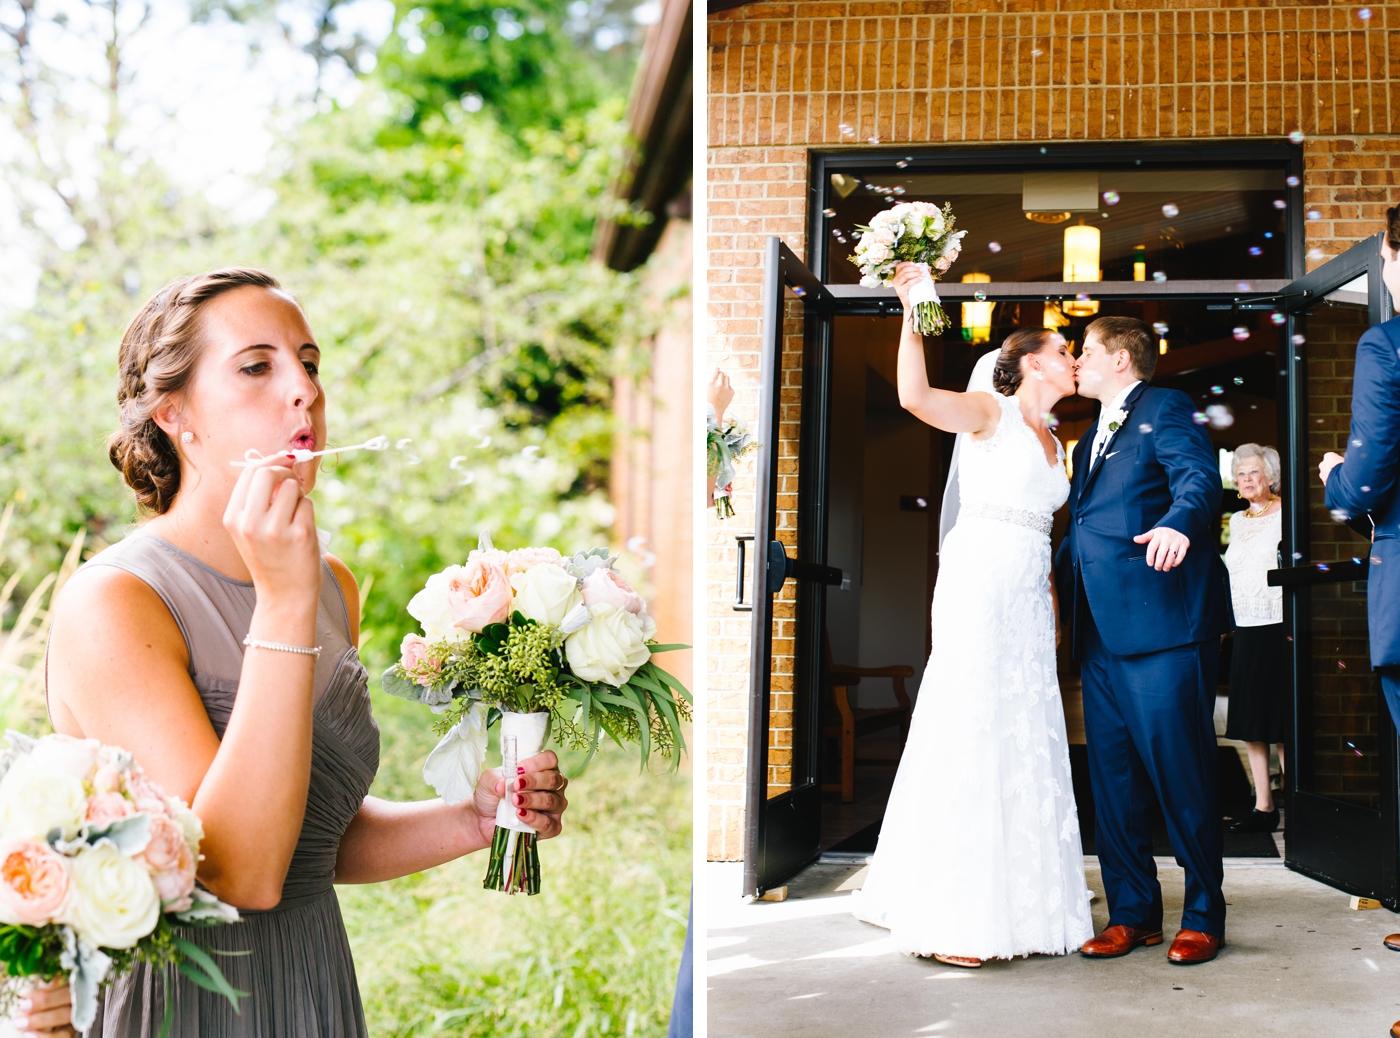 chicago-fine-art-wedding-photography-neuendank20